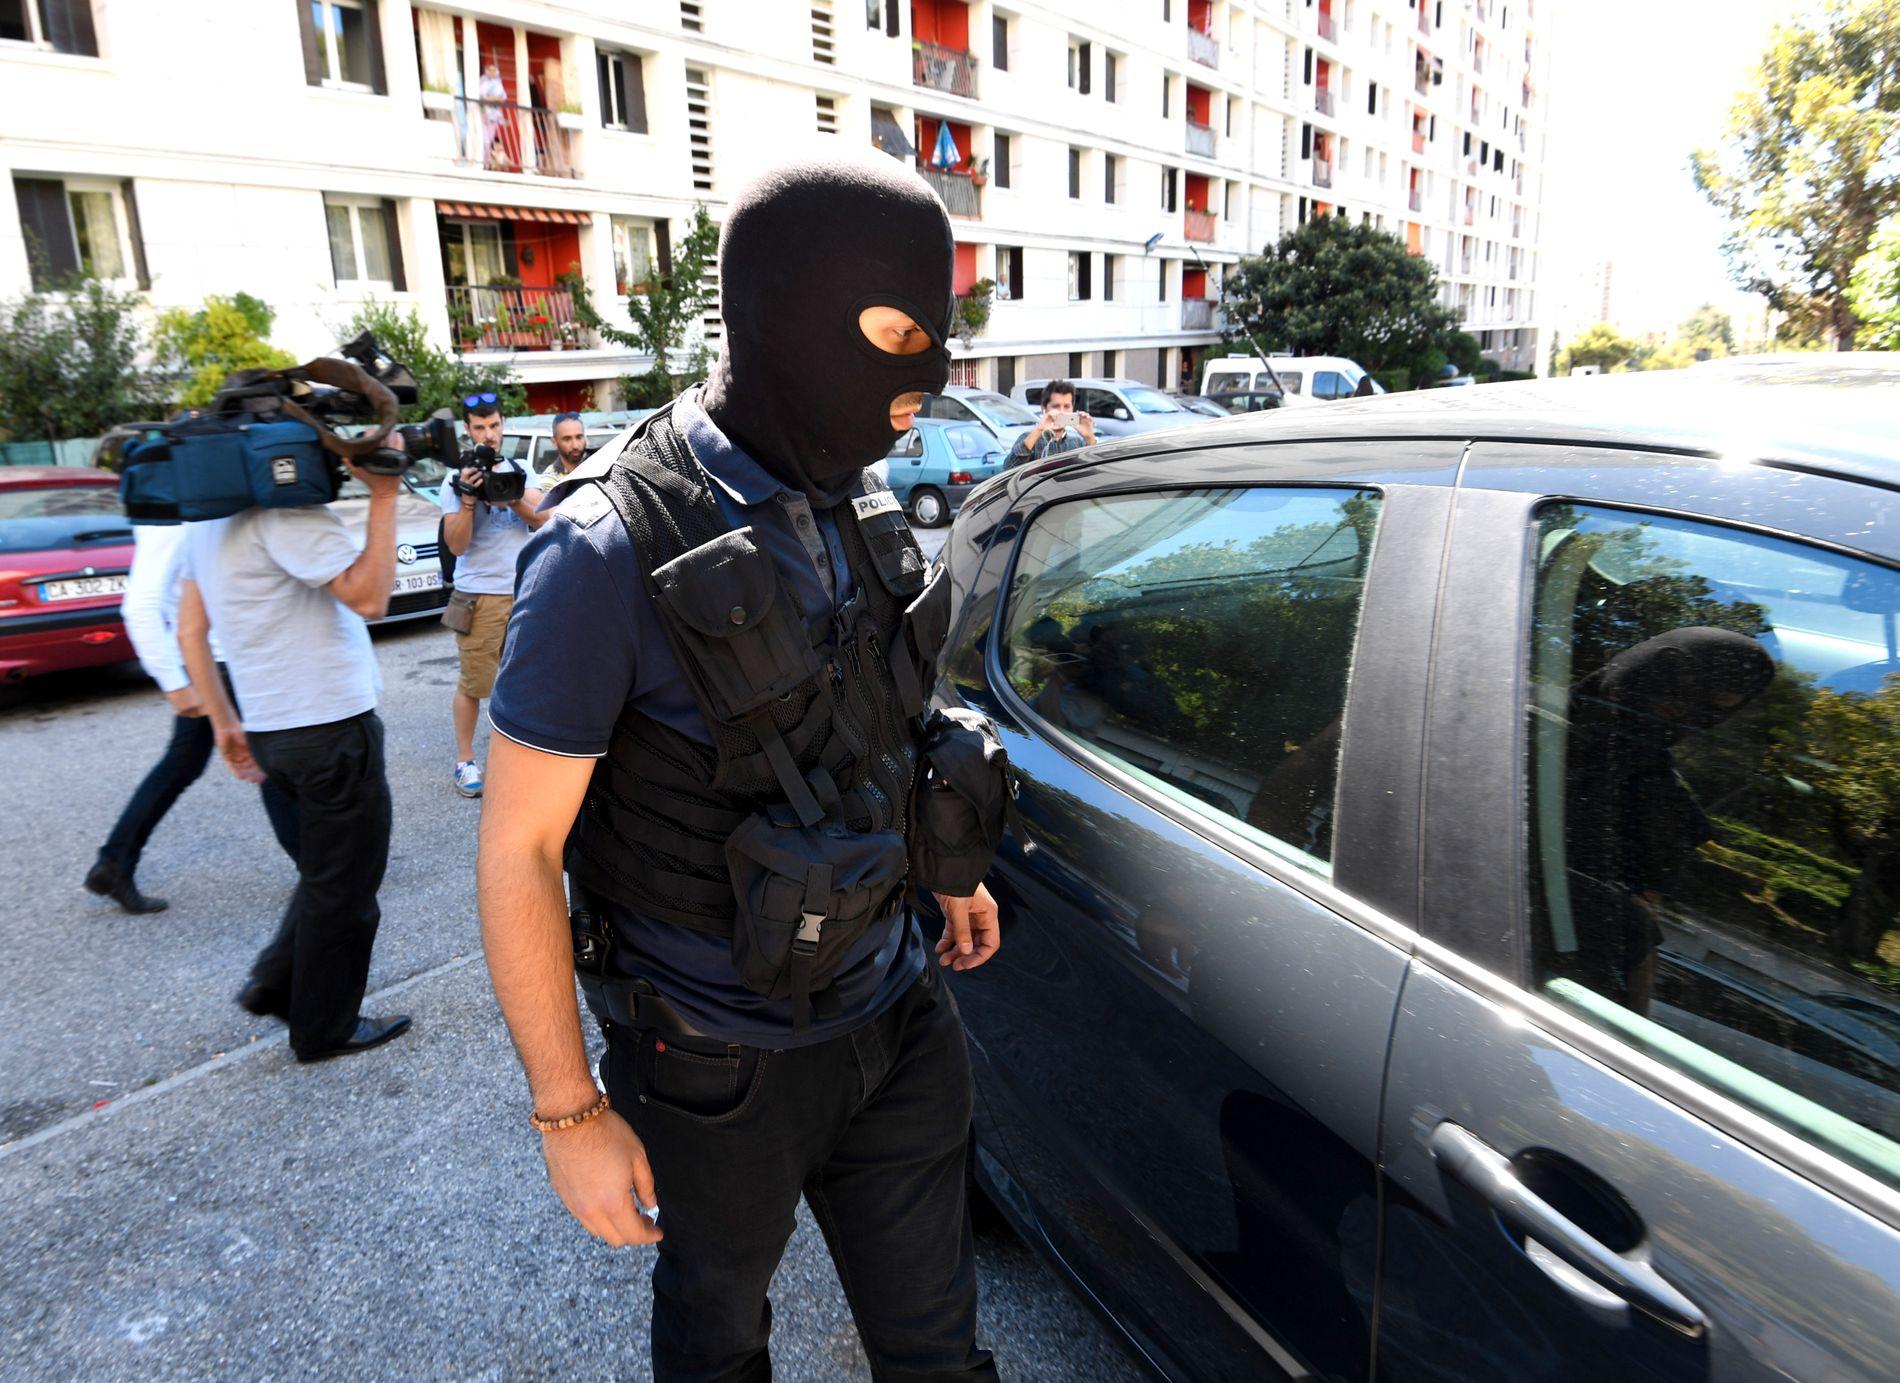 AKSJONERTE: Politiet gikk til aksjon på flere adresser fredag formiddagen, blant annet i boligen til den antatte gjerningsmannen.